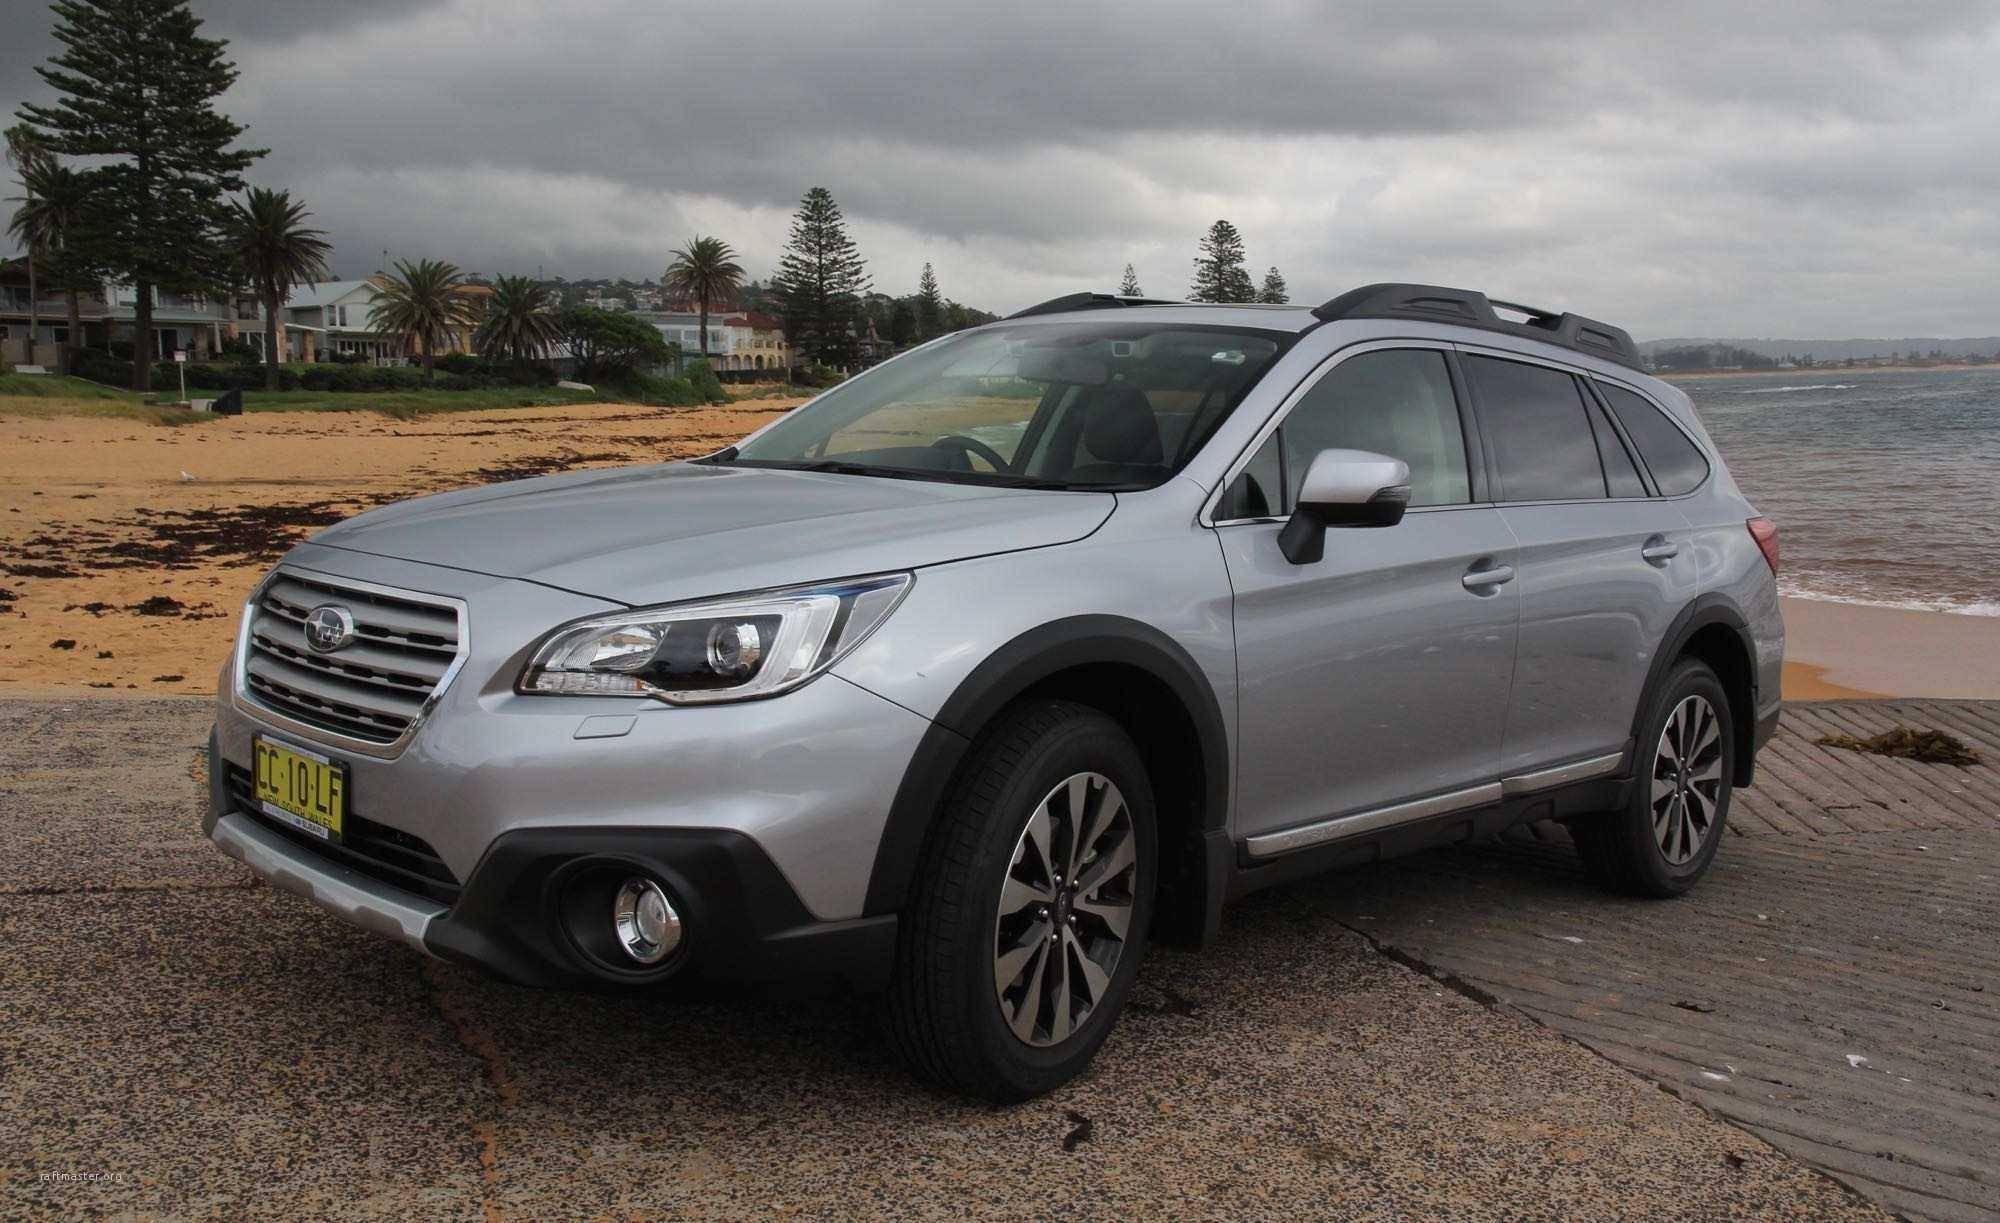 Subaru outback 2020 года — полноприводный универсал с усиленным кузовом и продвинутыми системами безопасности